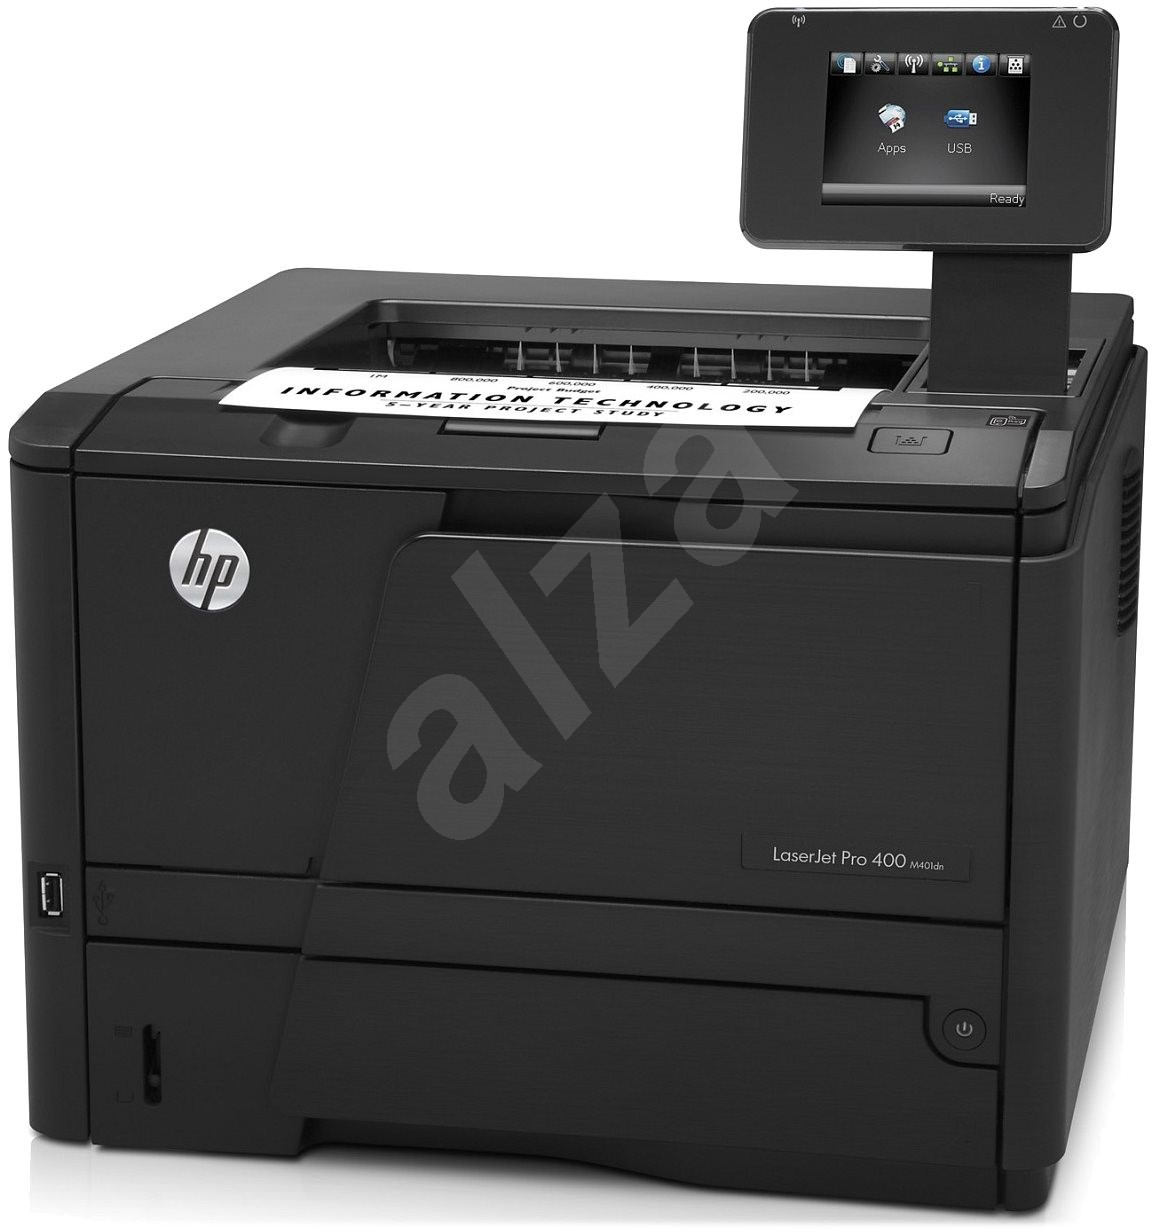 laser printer hp laserjet pro 400 m401dn. Black Bedroom Furniture Sets. Home Design Ideas